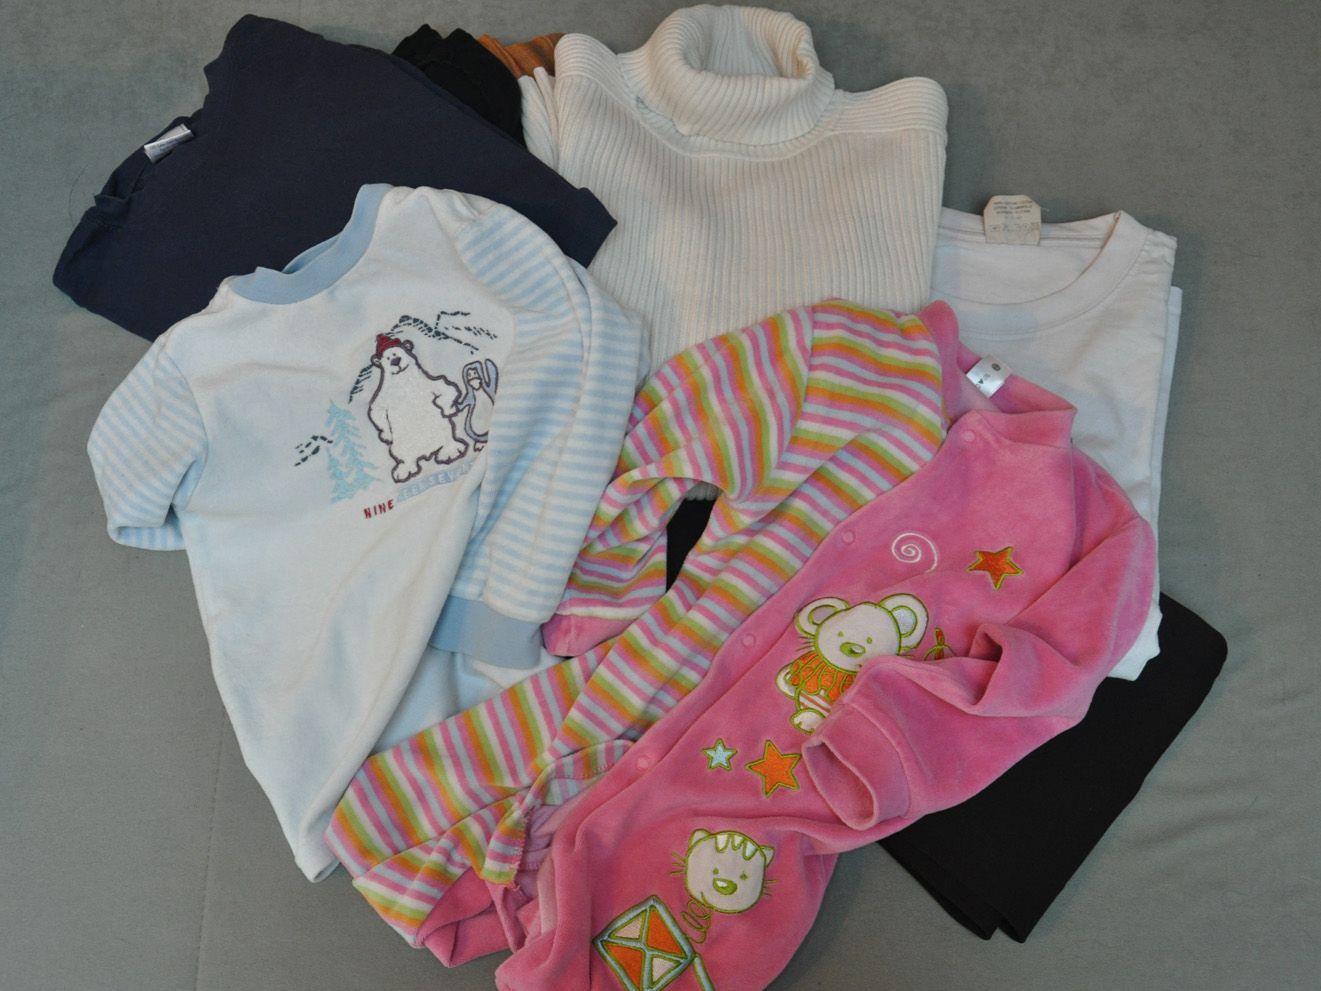 Gut erhaltene Kleidung für Groß und Klein, warme und kalte Witterung (Sibirien) wird gesucht.